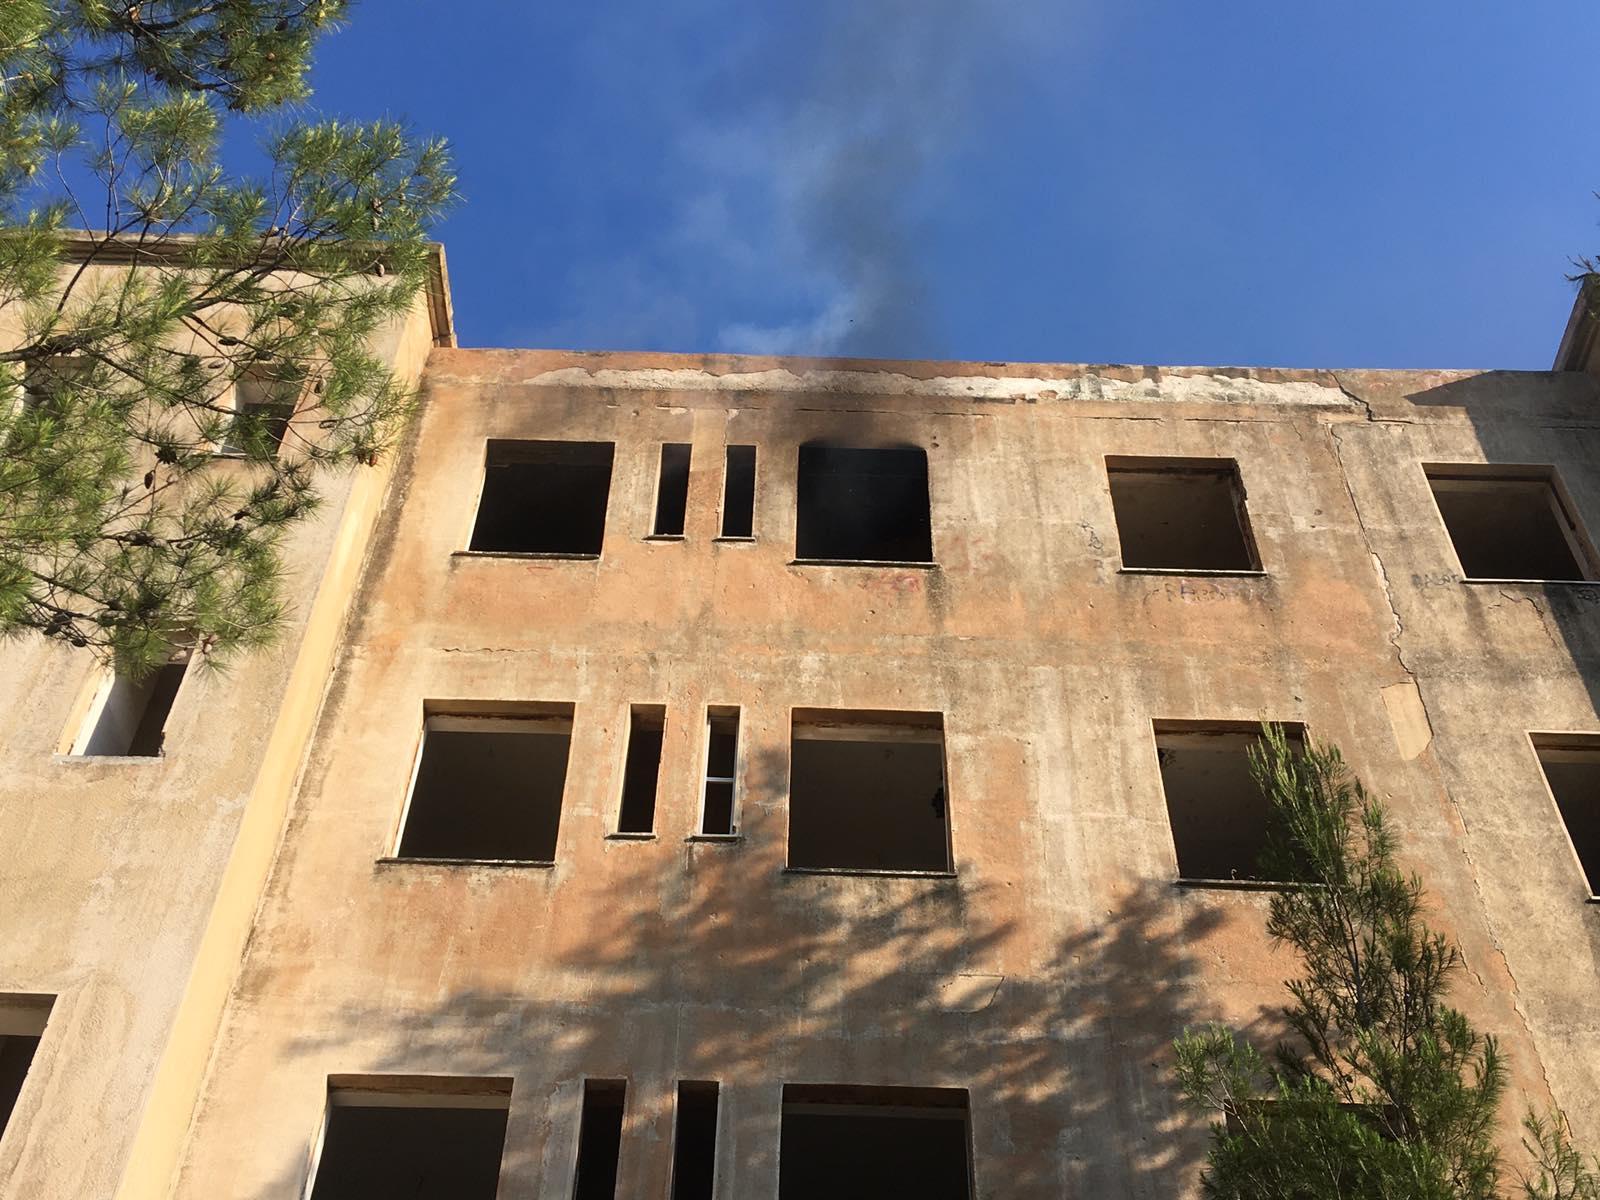 Πυρκαγιά αυτή τη στιγμή εντός του κτιρίου του ΝΙΕΝ στην Πεντέλη